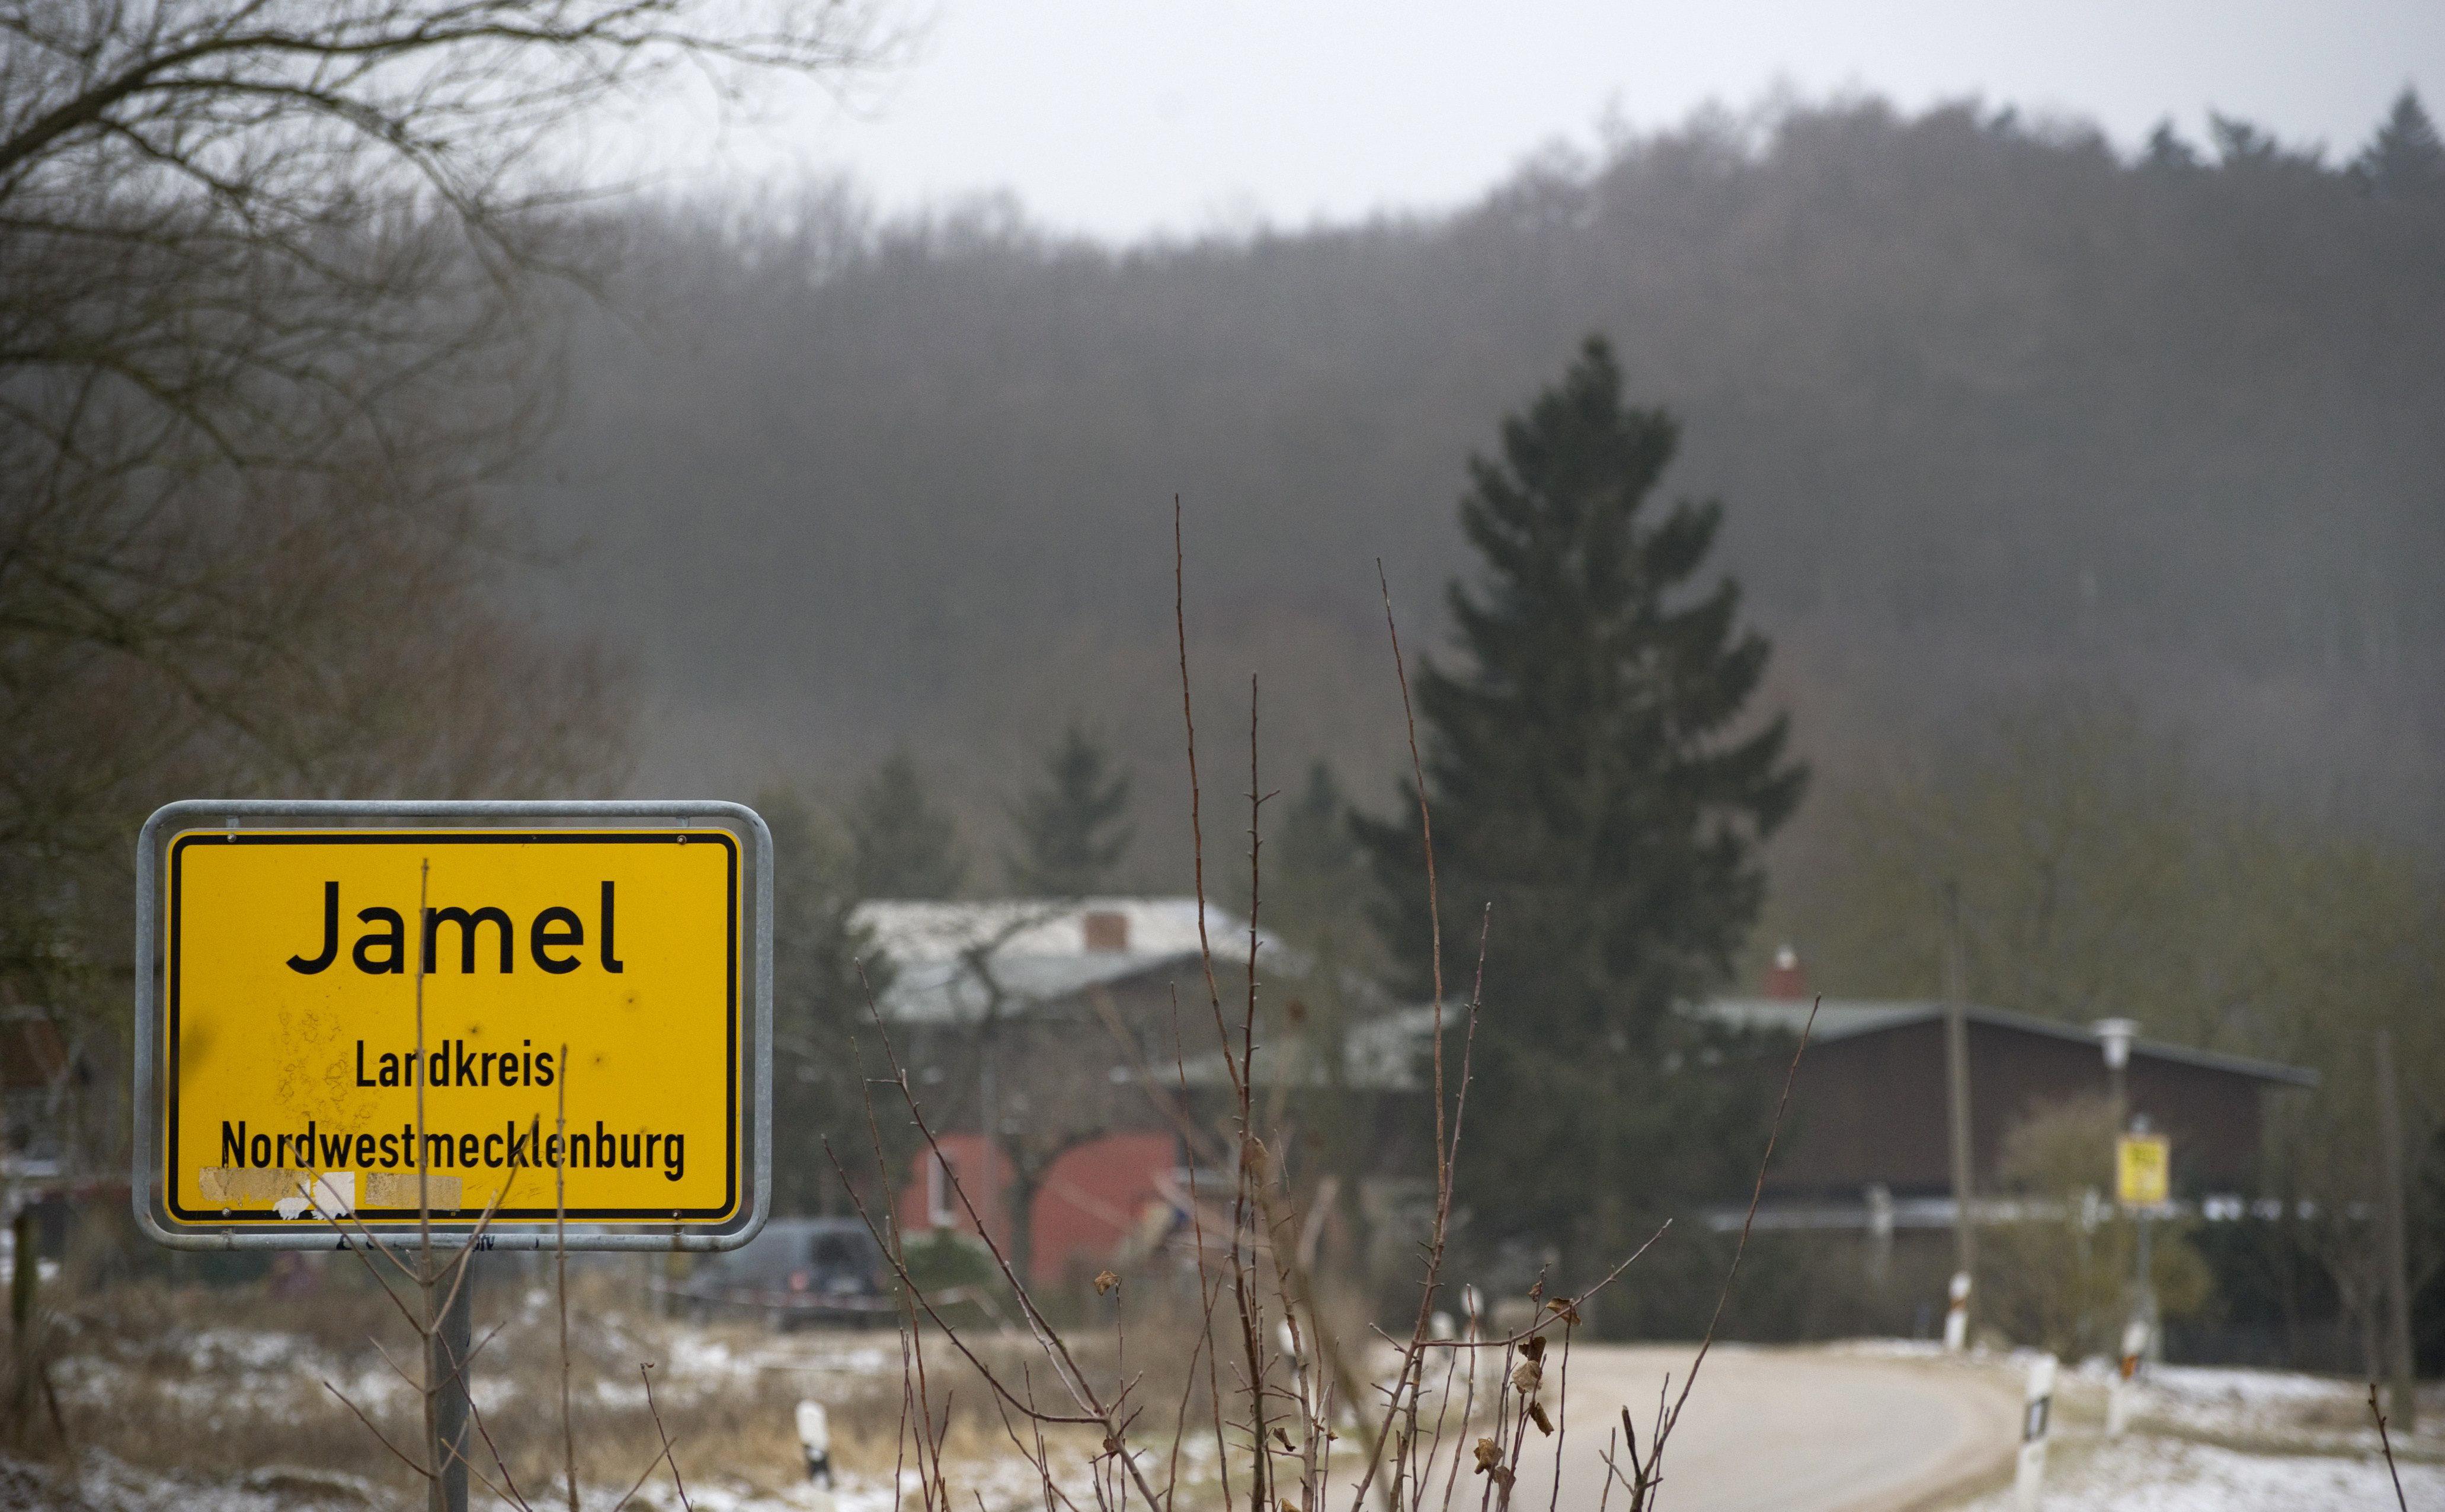 Γερμανία: Το χωριό των νεοναζί και το ζευγάρι που αντιστέκεται